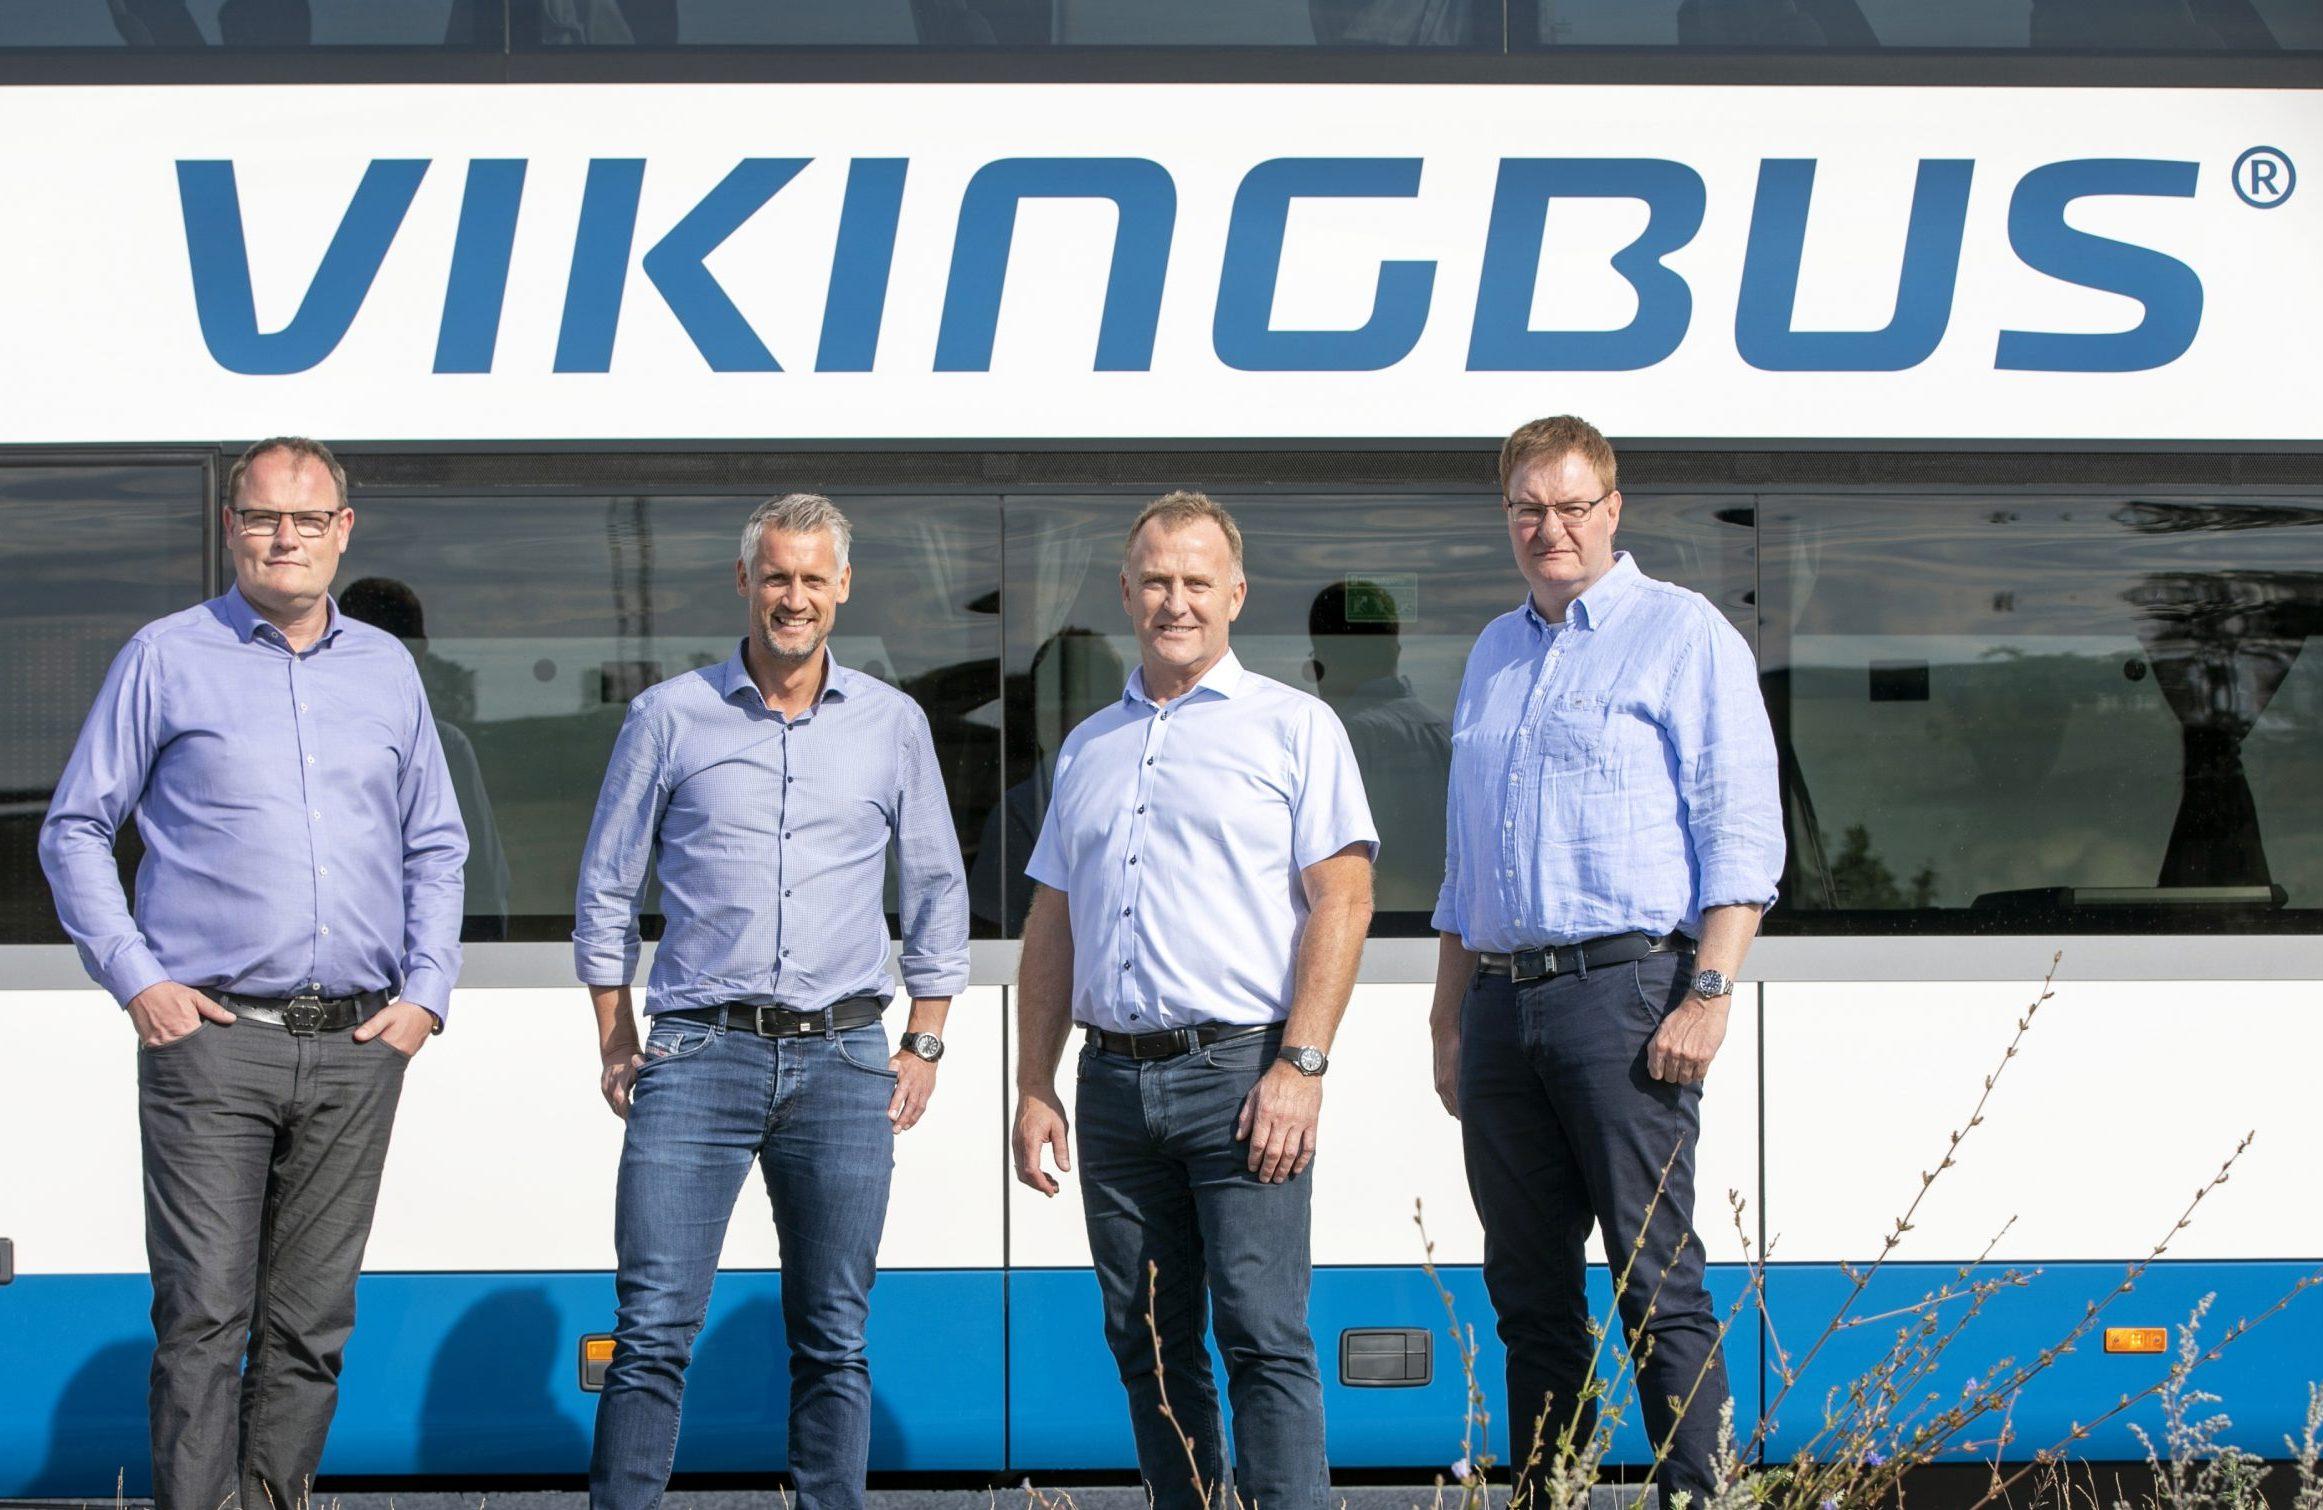 De fire ejere af busselskaberne bag Vikingbus er fra venstre Lars Larsen (Larsenbus), Carsten Papuga (Papuga), Mogens Pedersen (Egon's) og Peter Papuga (Papuga Bus). Foto: Vikingbus, Bjarke Ørsted.